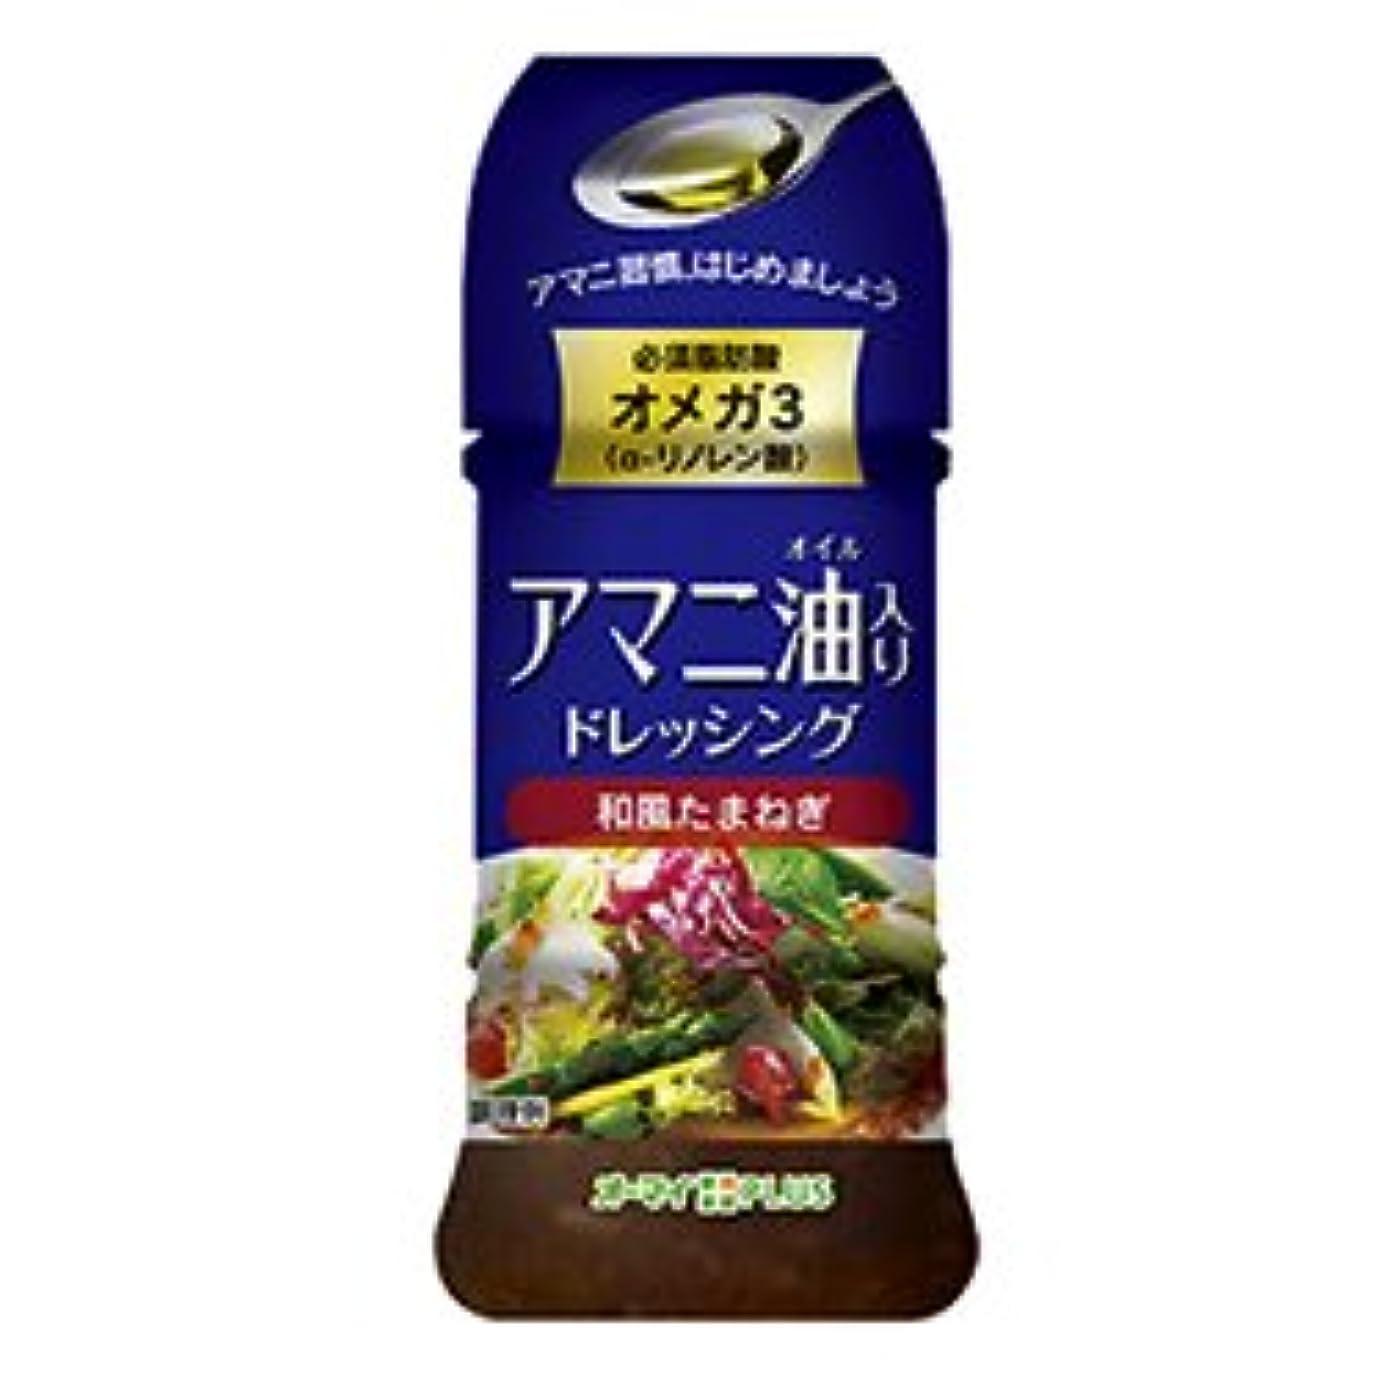 爆弾トリムかわいらしいアマニ油ドレッシング 和風たまねぎ【5本セット】日本製粉